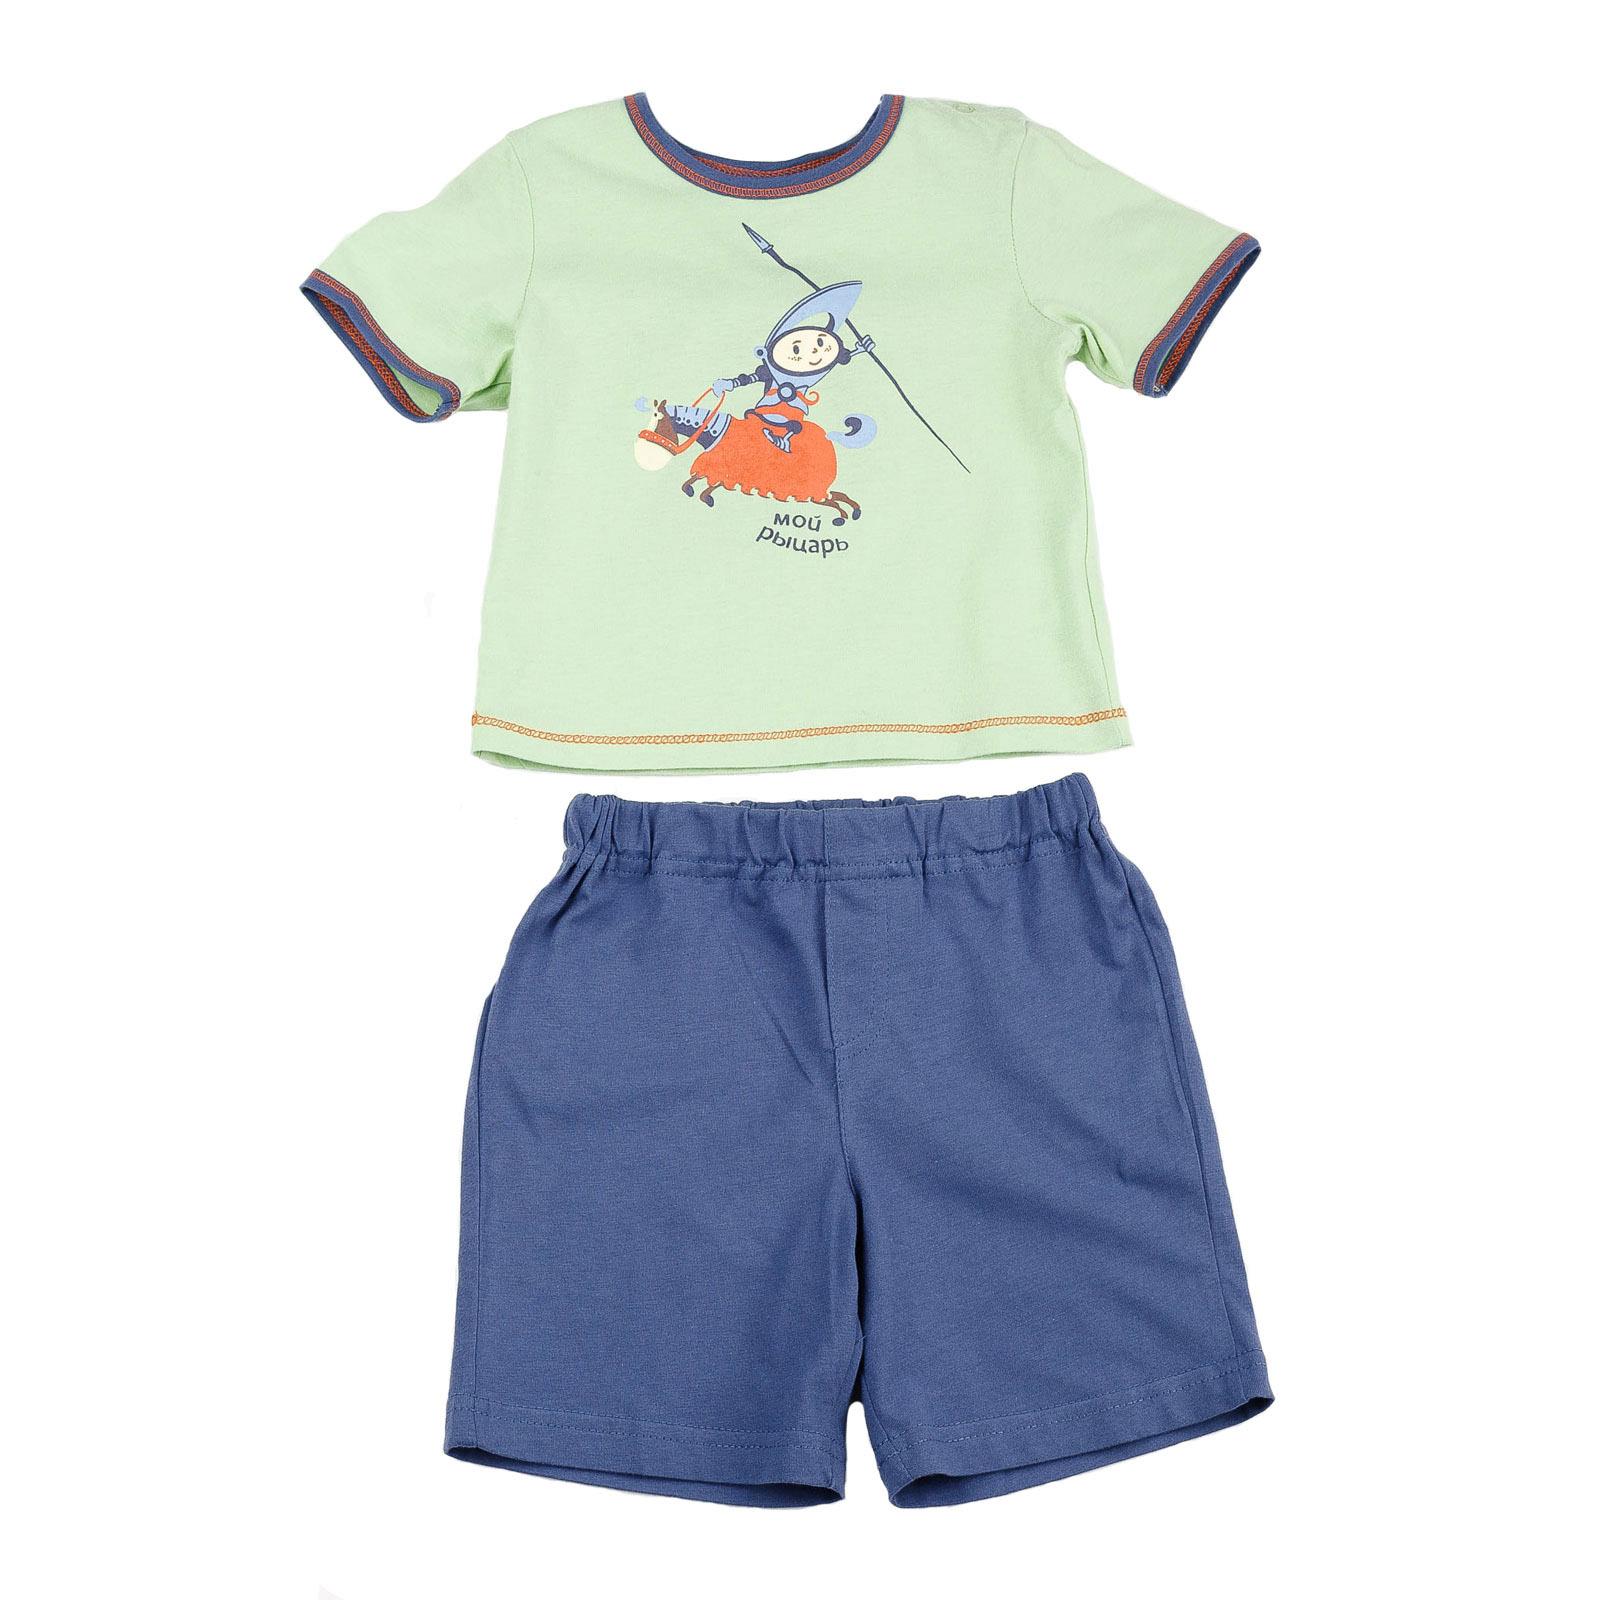 Комплект Veneya Венейя (футболка+шорты) для мальчика зеленый размер 80